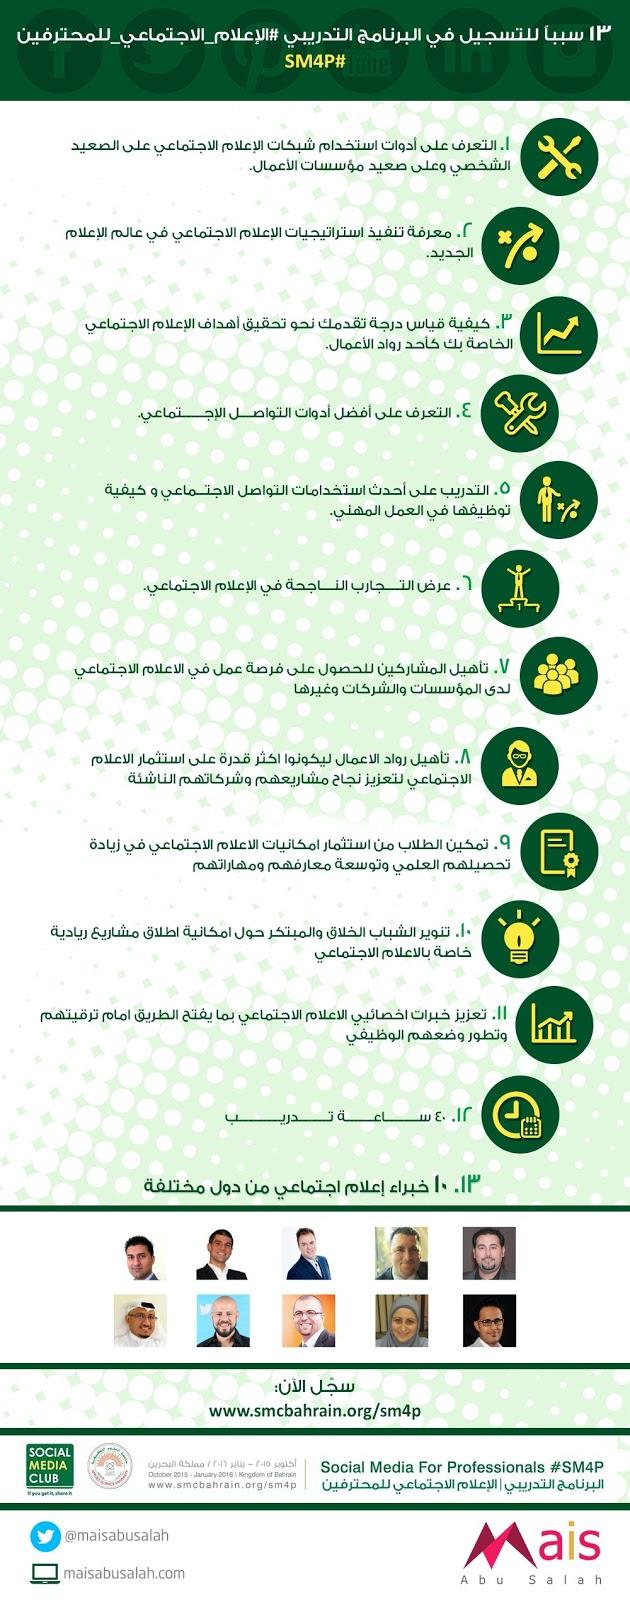 13 سبباً للتسجيل في البرنامج التدريبي #الإعلام_الاجتماعي_للمحترفين #SM4P #انفوجرافيك